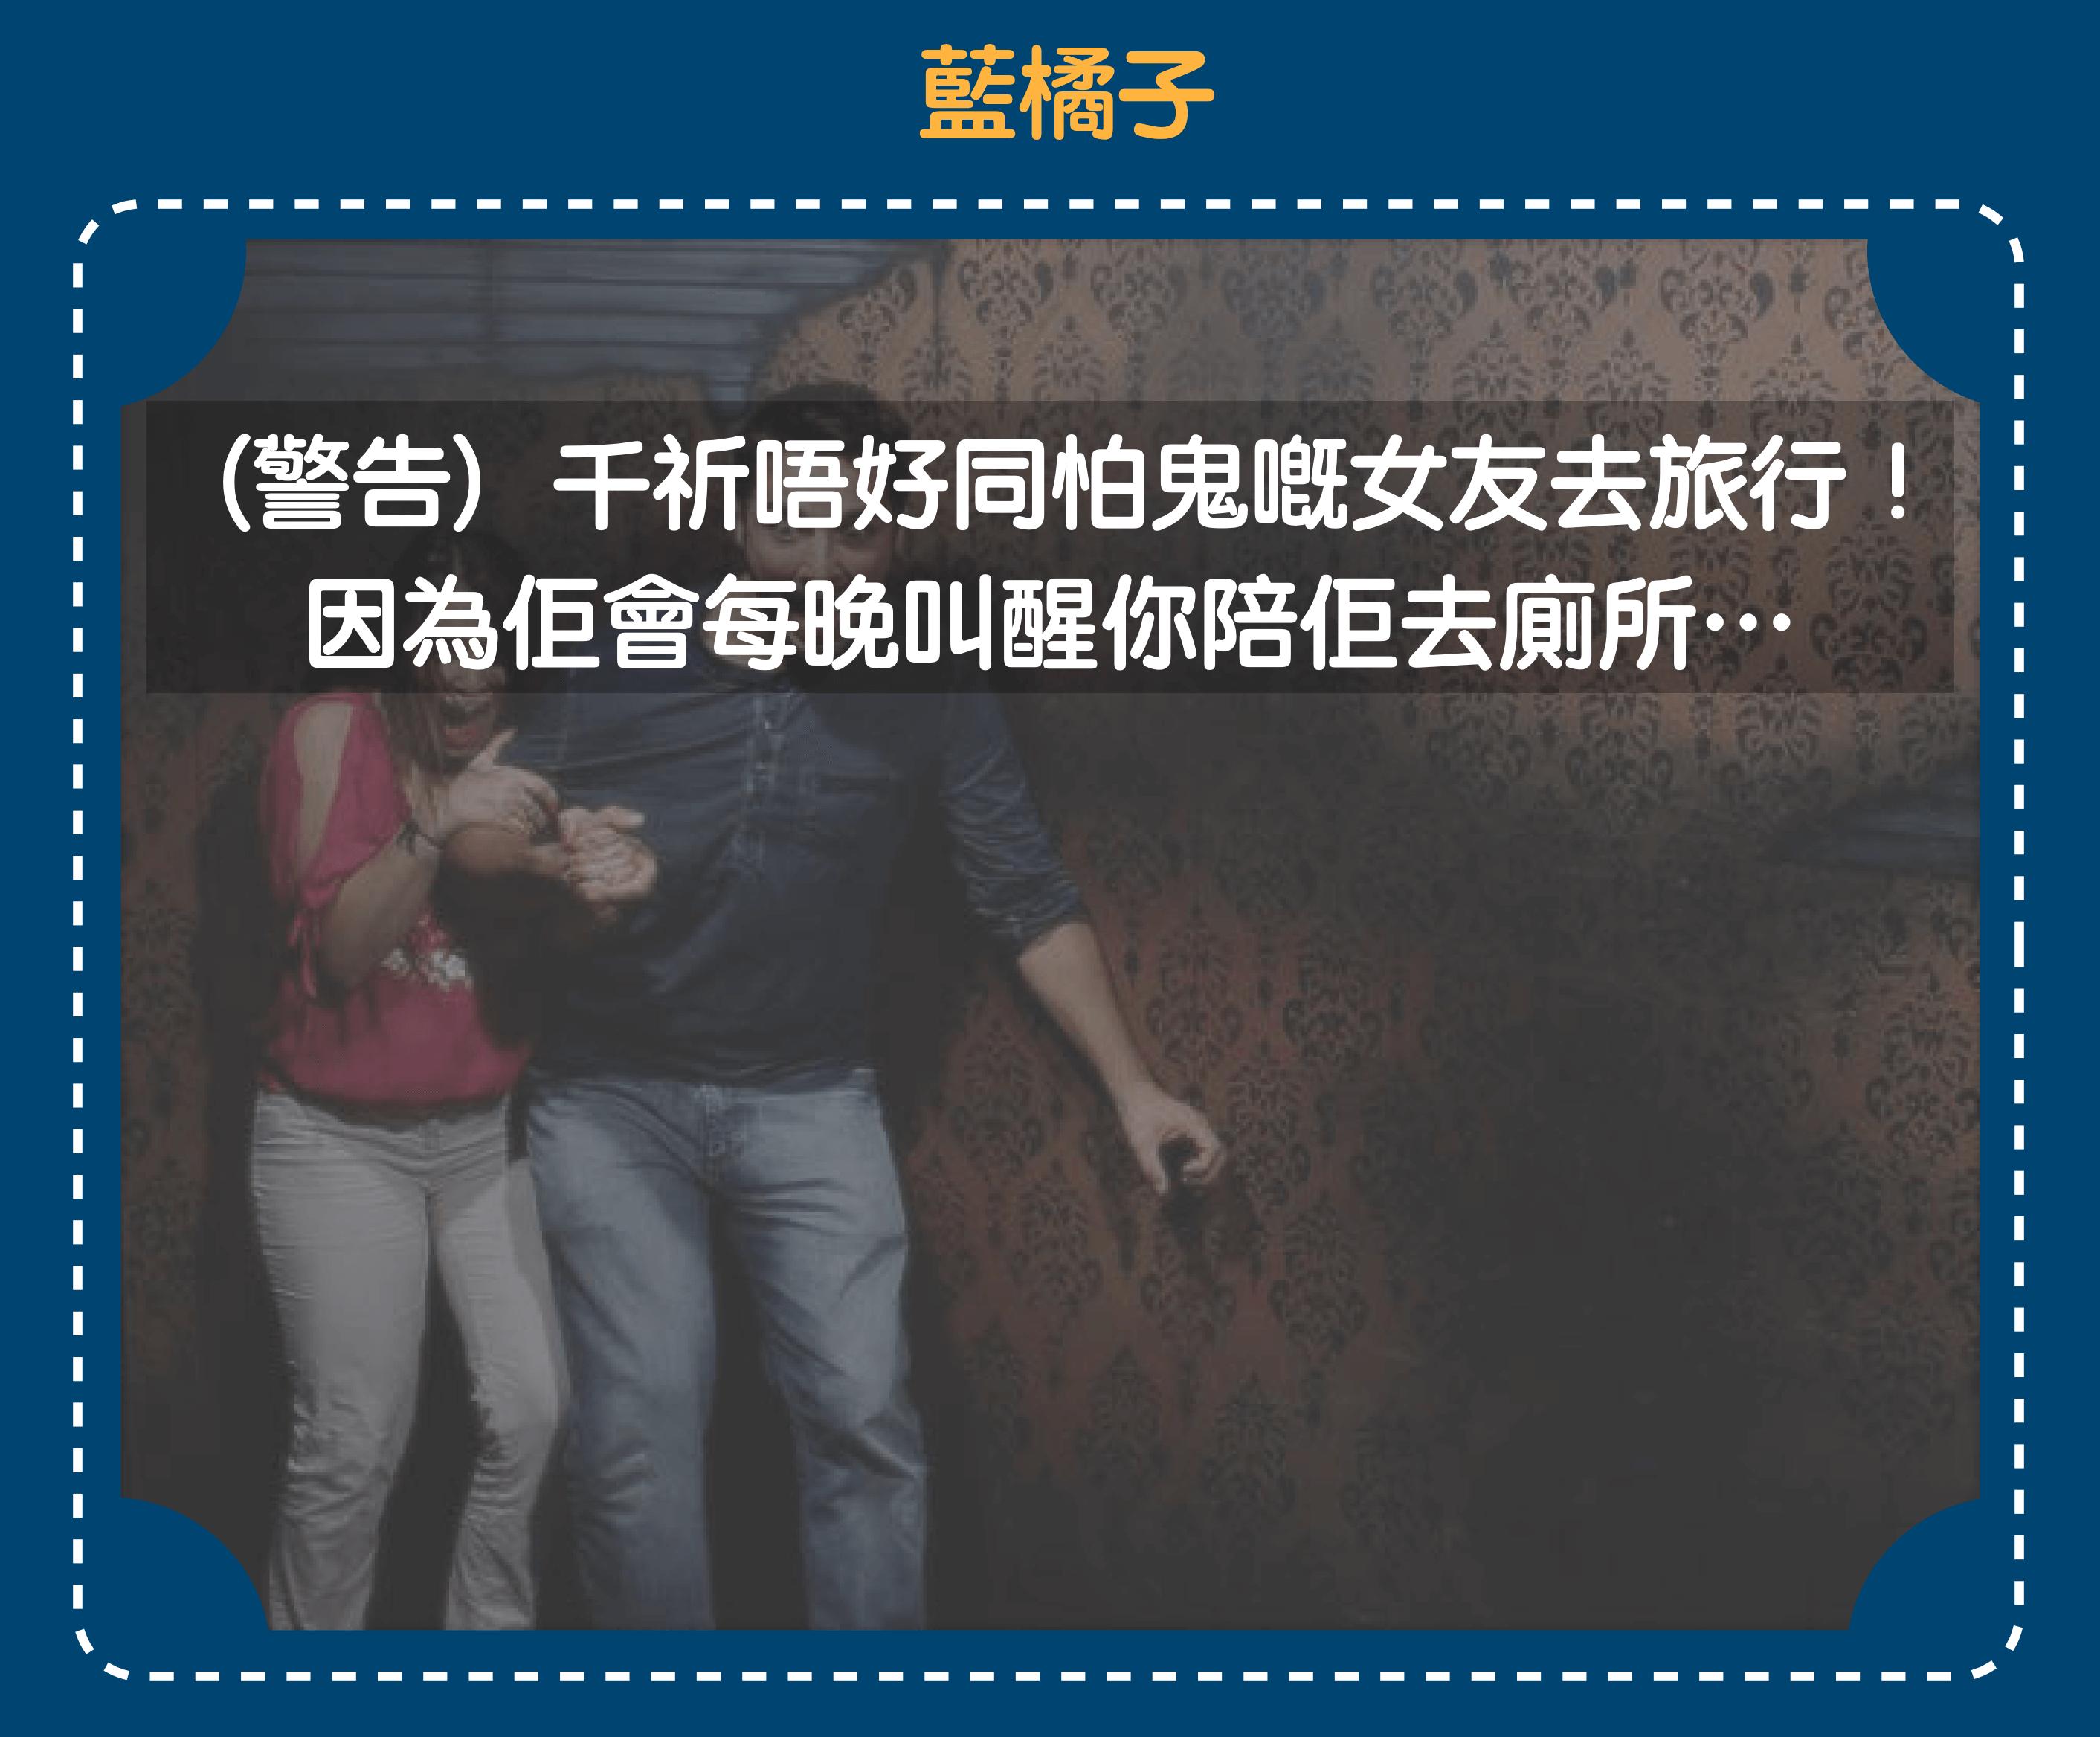 【千祈唔好陪怕鬼嘅女朋友去旅行,因為佢會每晚叫醒你陪佢去廁所】